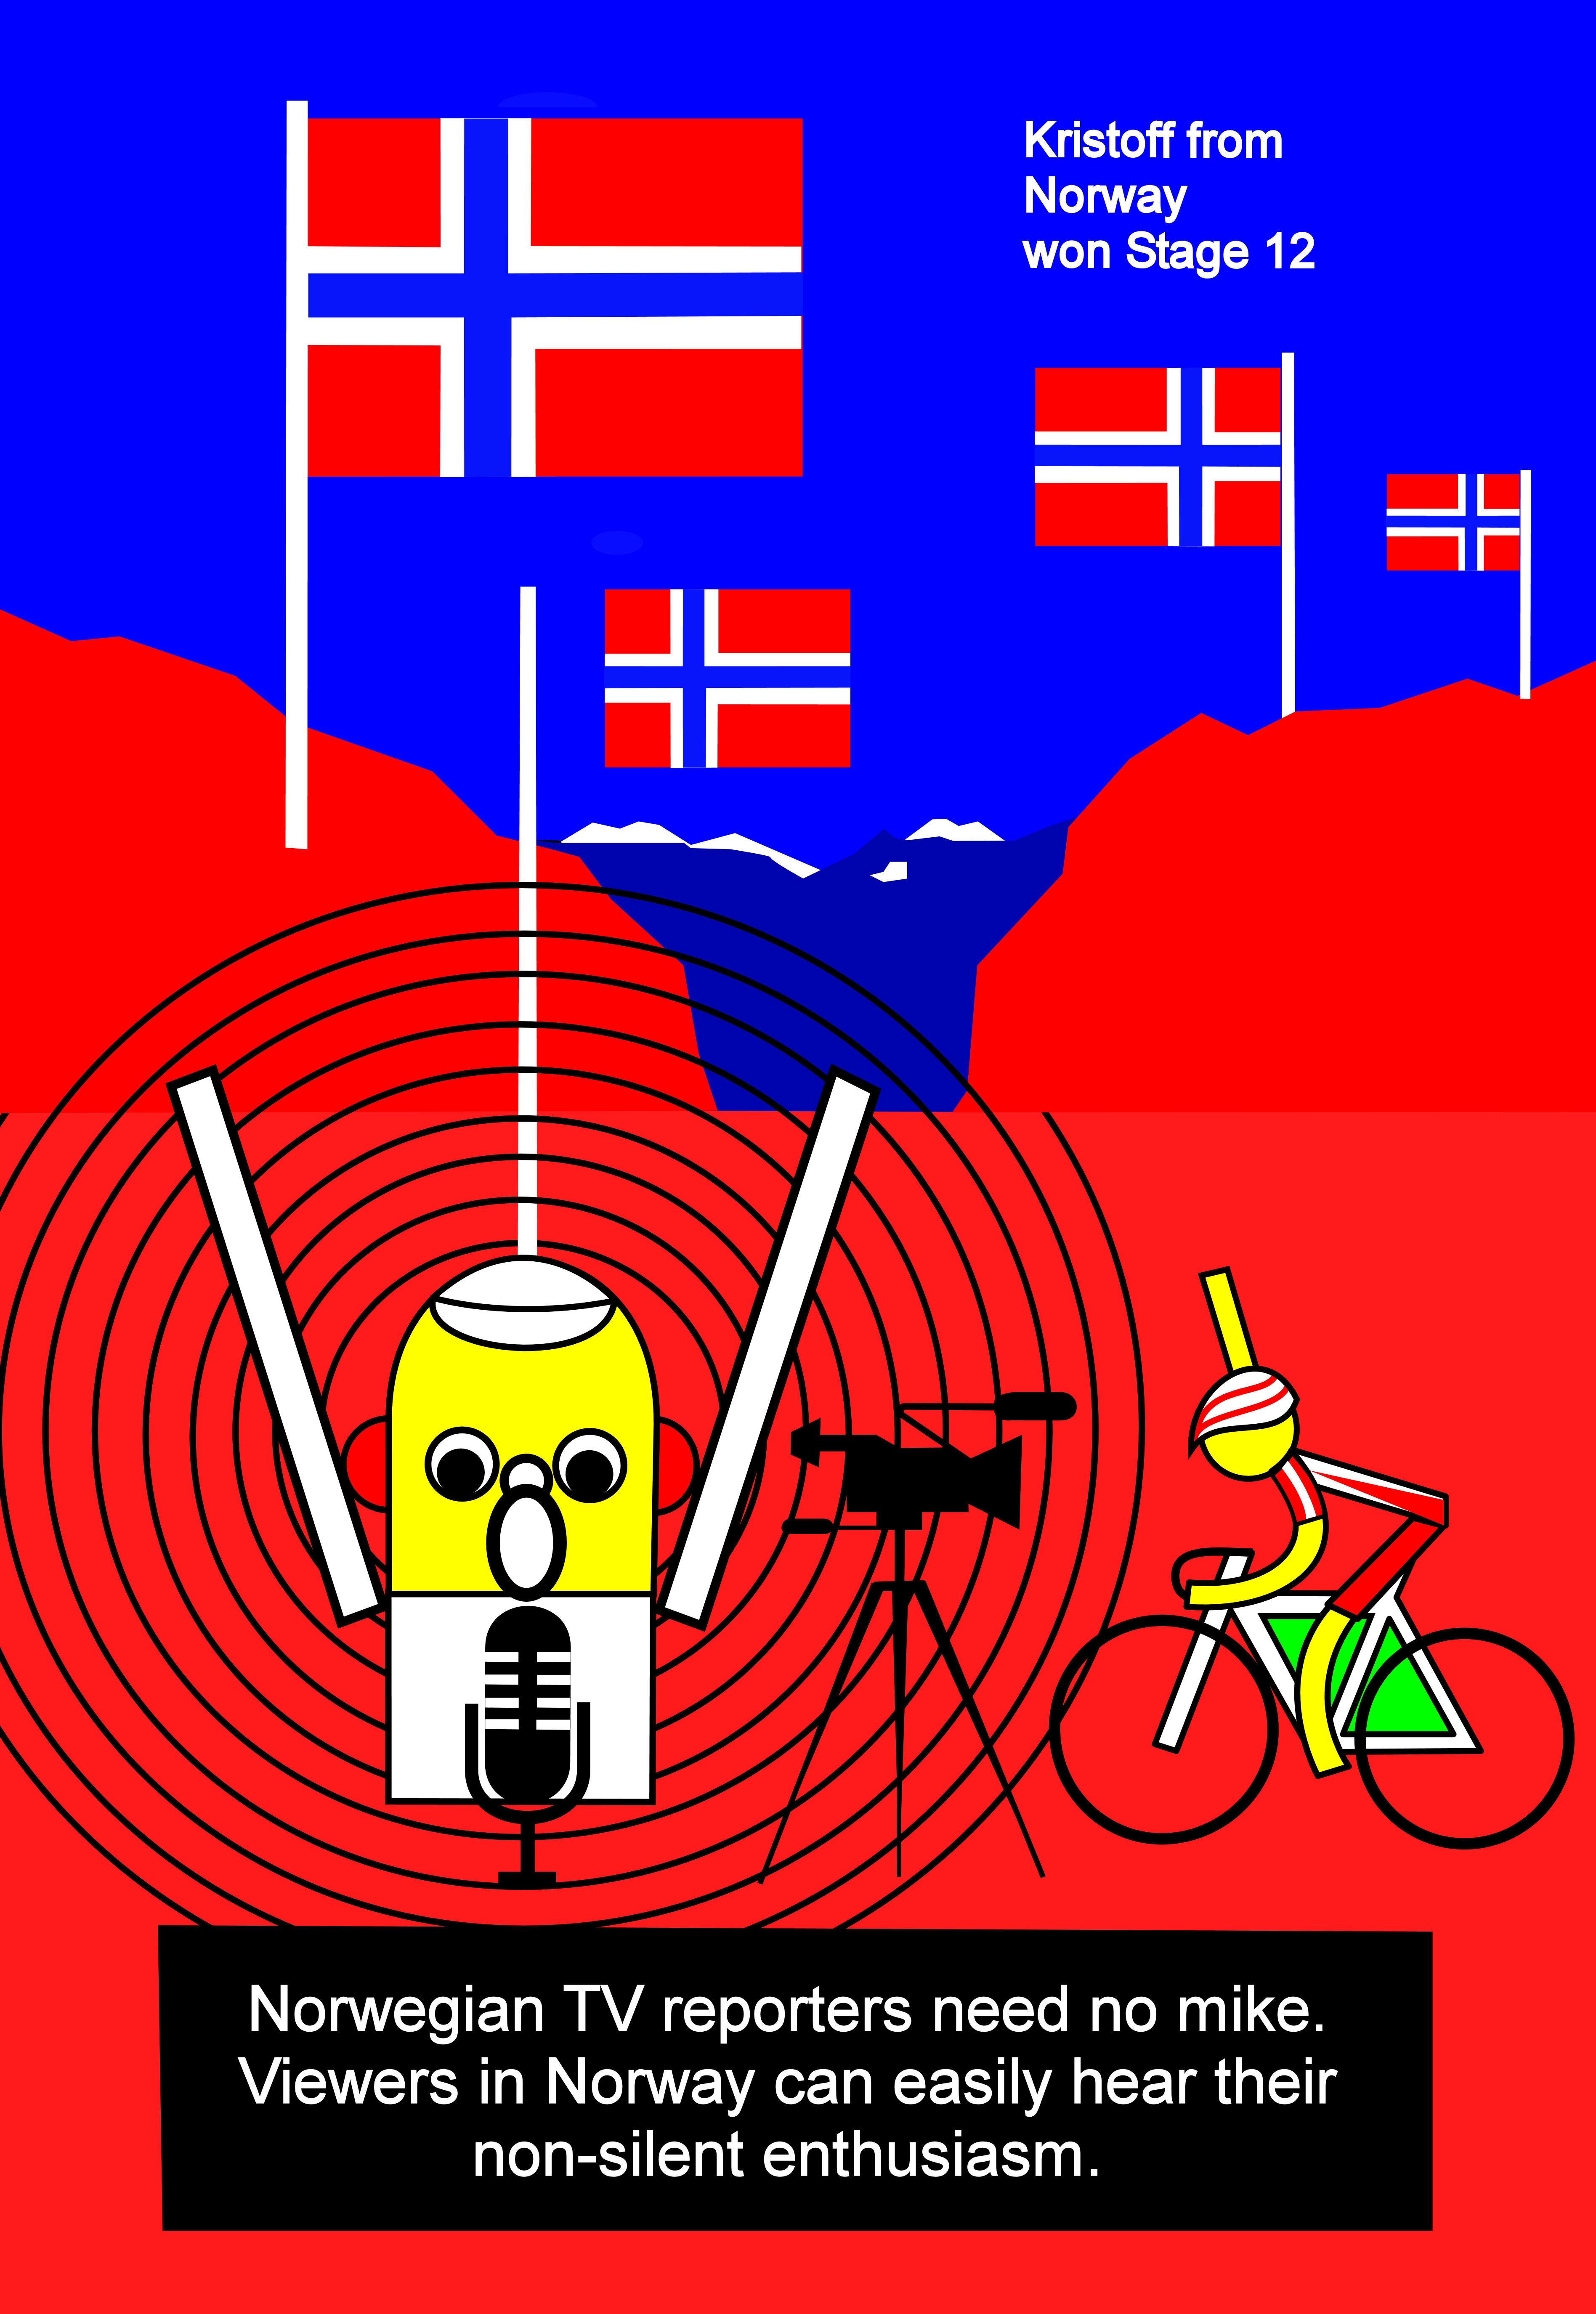 Tallard, Nîmes, Kristoff,                                           Stage 15, July 20th, Norway,                                           celebrates, Norwegian TV,Tour                                           de France 2014, Tour de                                           France, Tallard, Nîmes,                                           Kristoff, étape 15, le 20                                           Juillet, la Norvège, la fête,                                           la télévision norvégienne,                                           Tour de France 2014, Tour de                                           France